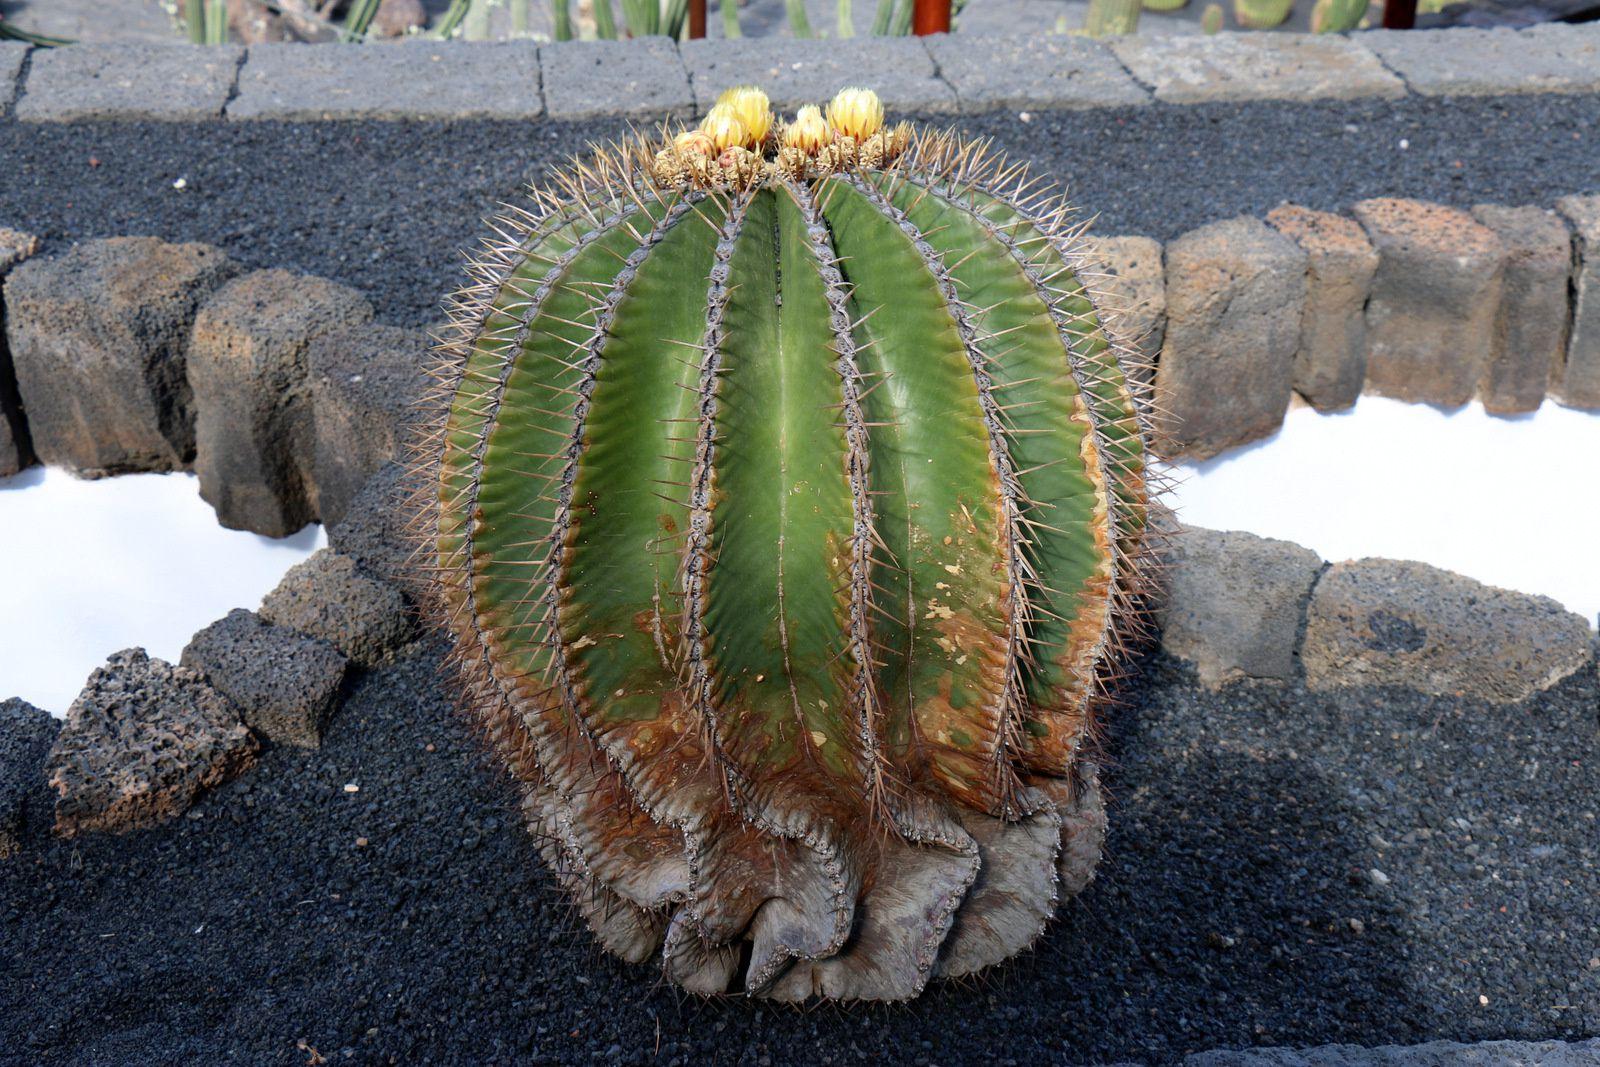 Echinocactus grusonii jardin de cactus le blog de cbx41 for Jardineras de cactus